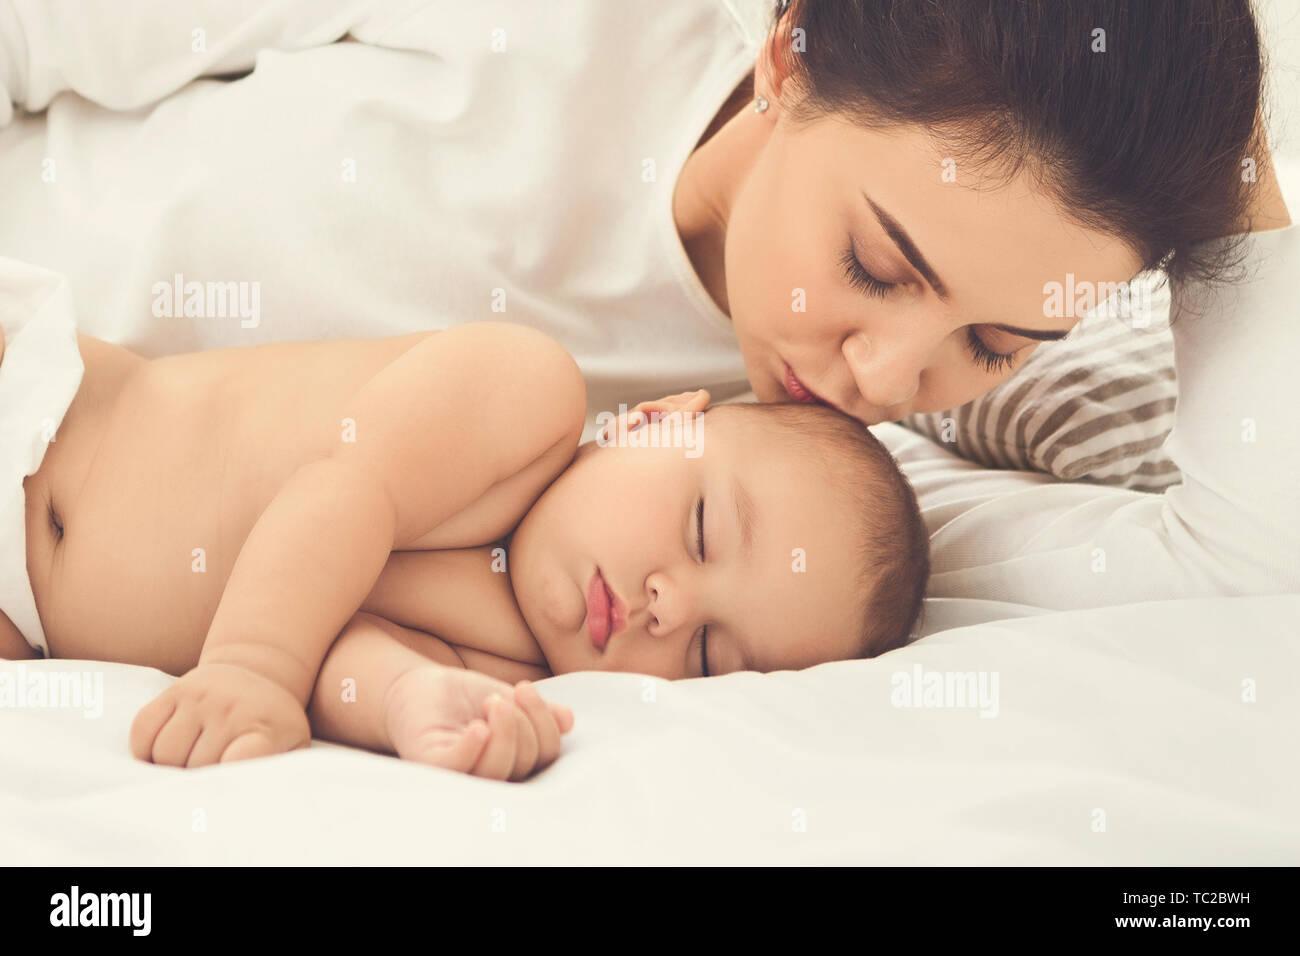 Mutter küssen ihr neugeborenes Baby im Bett schlafen Stockfoto